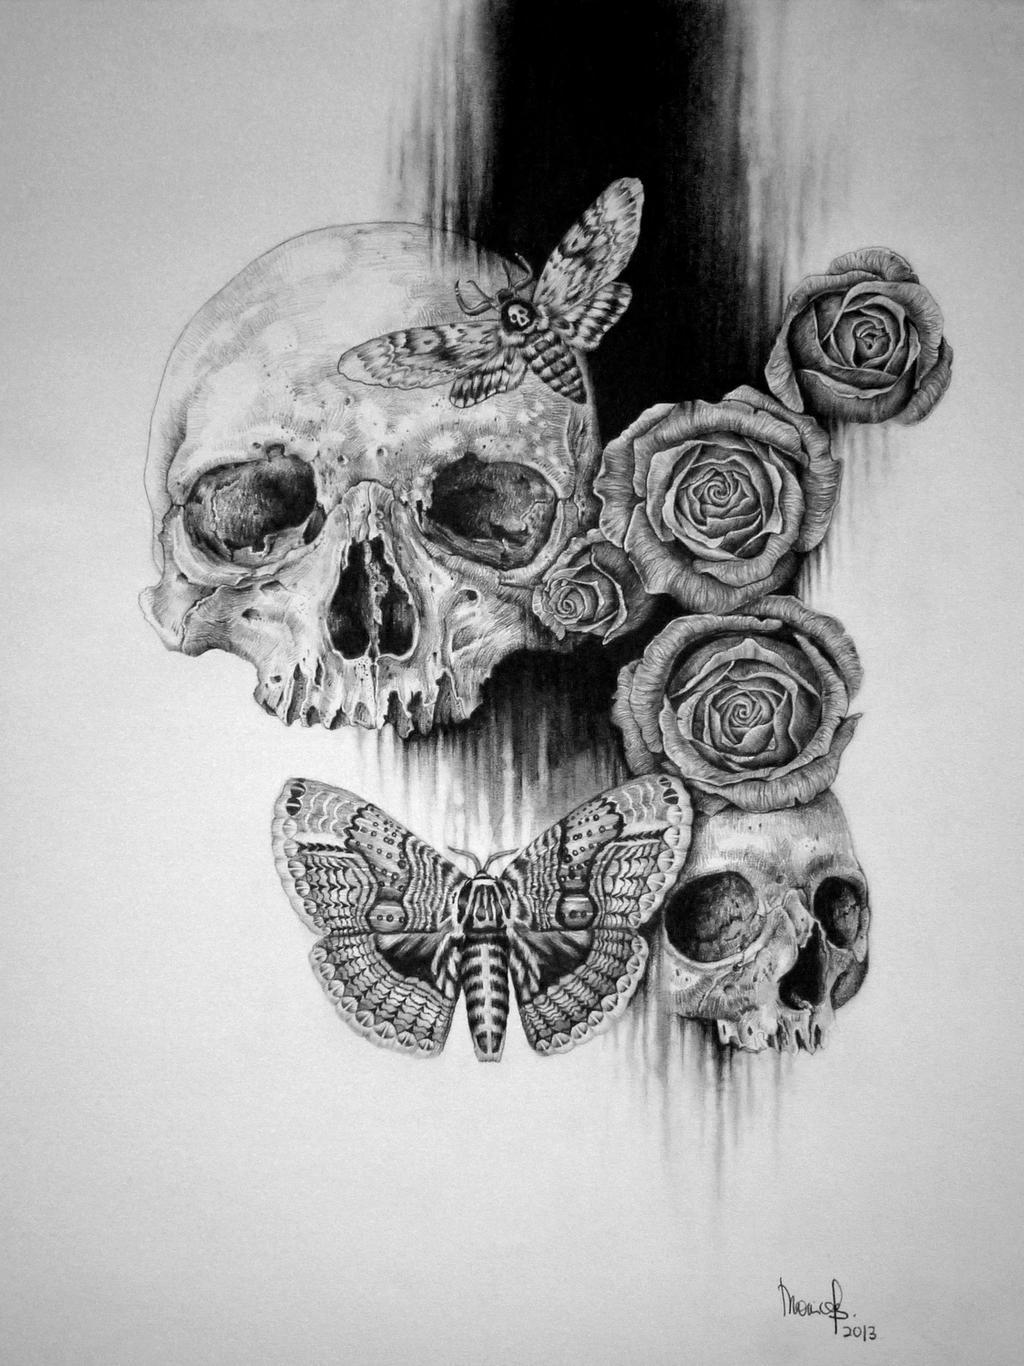 Skull and Roses by zephyrxavier on DeviantArt